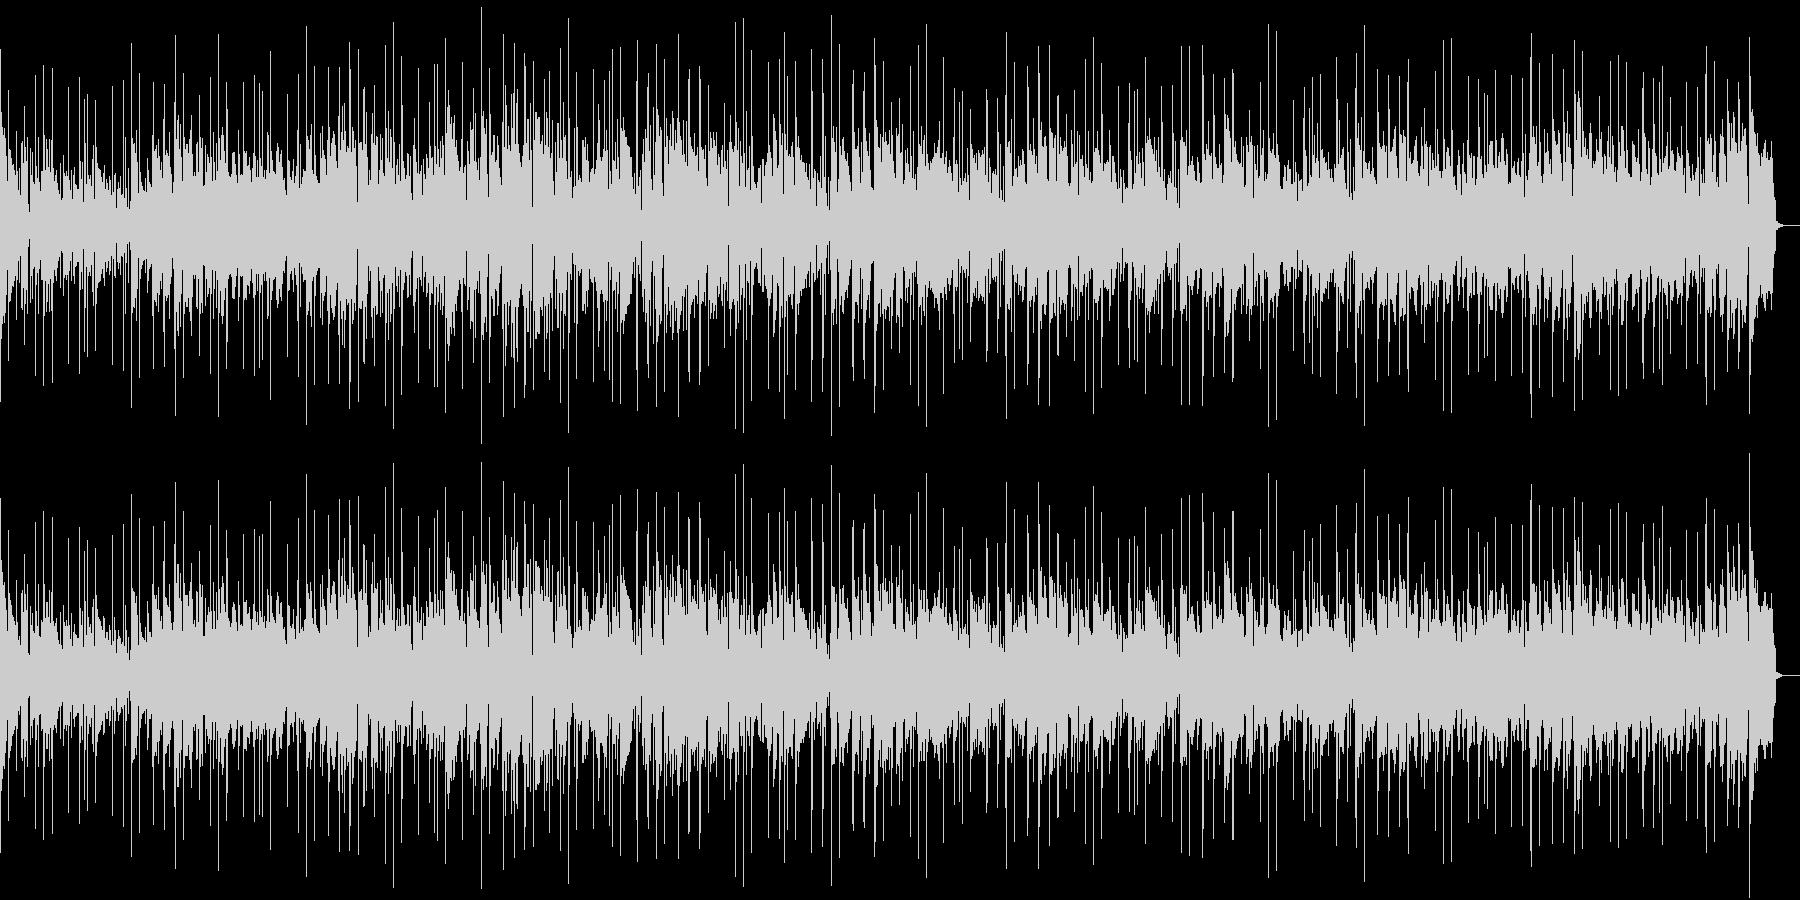 明るい雰囲気のループコードポップの未再生の波形